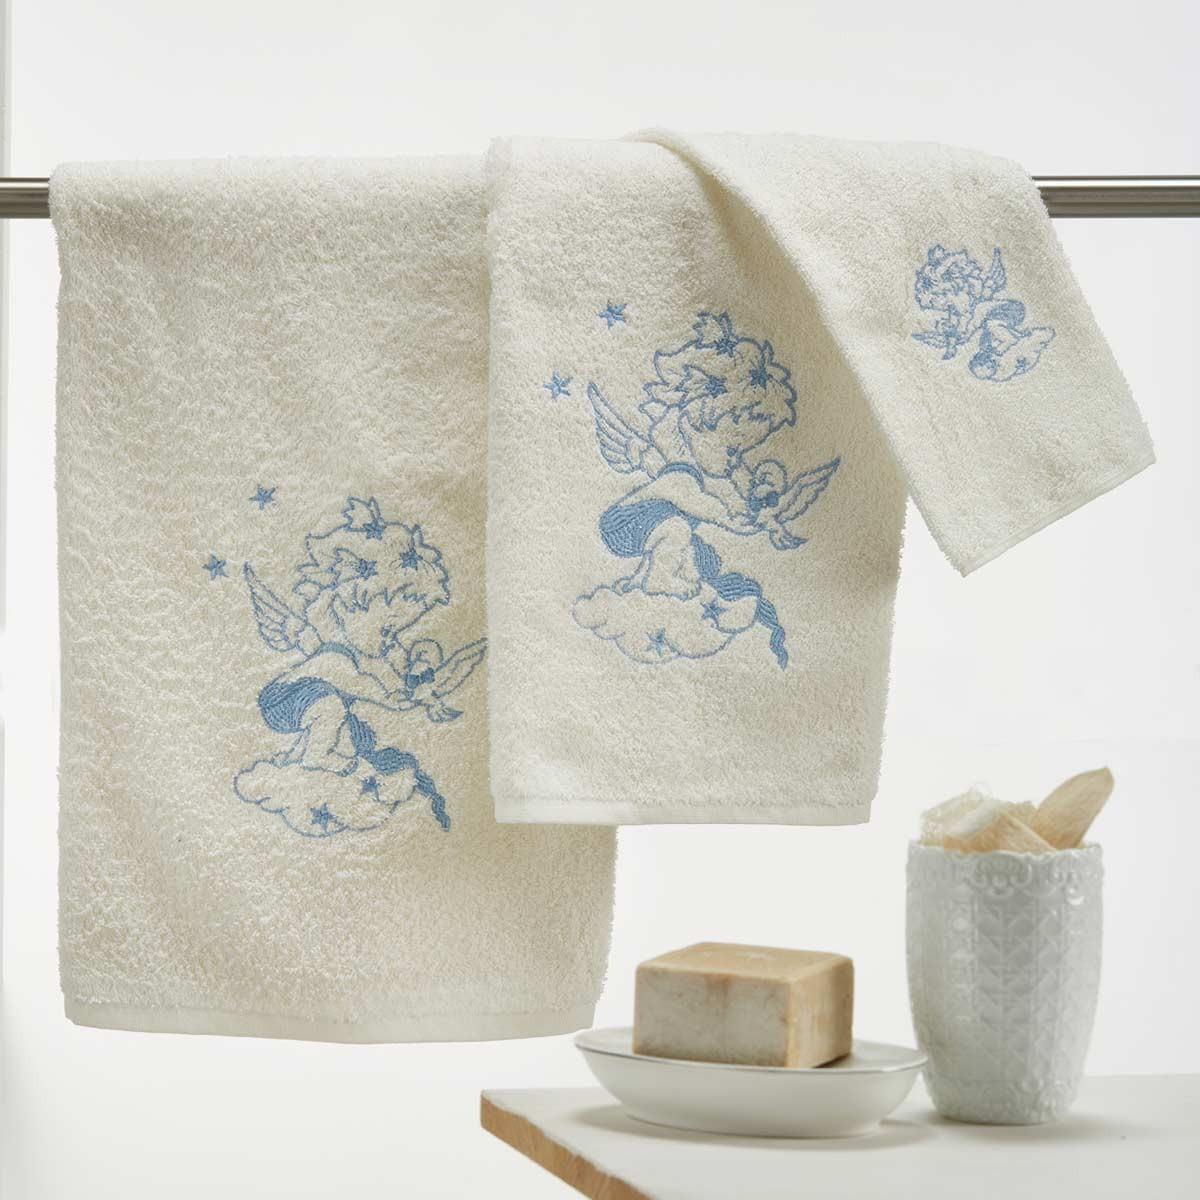 Παιδικές Πετσέτες (Σετ) White Egg Αγγελάκι Μπλε